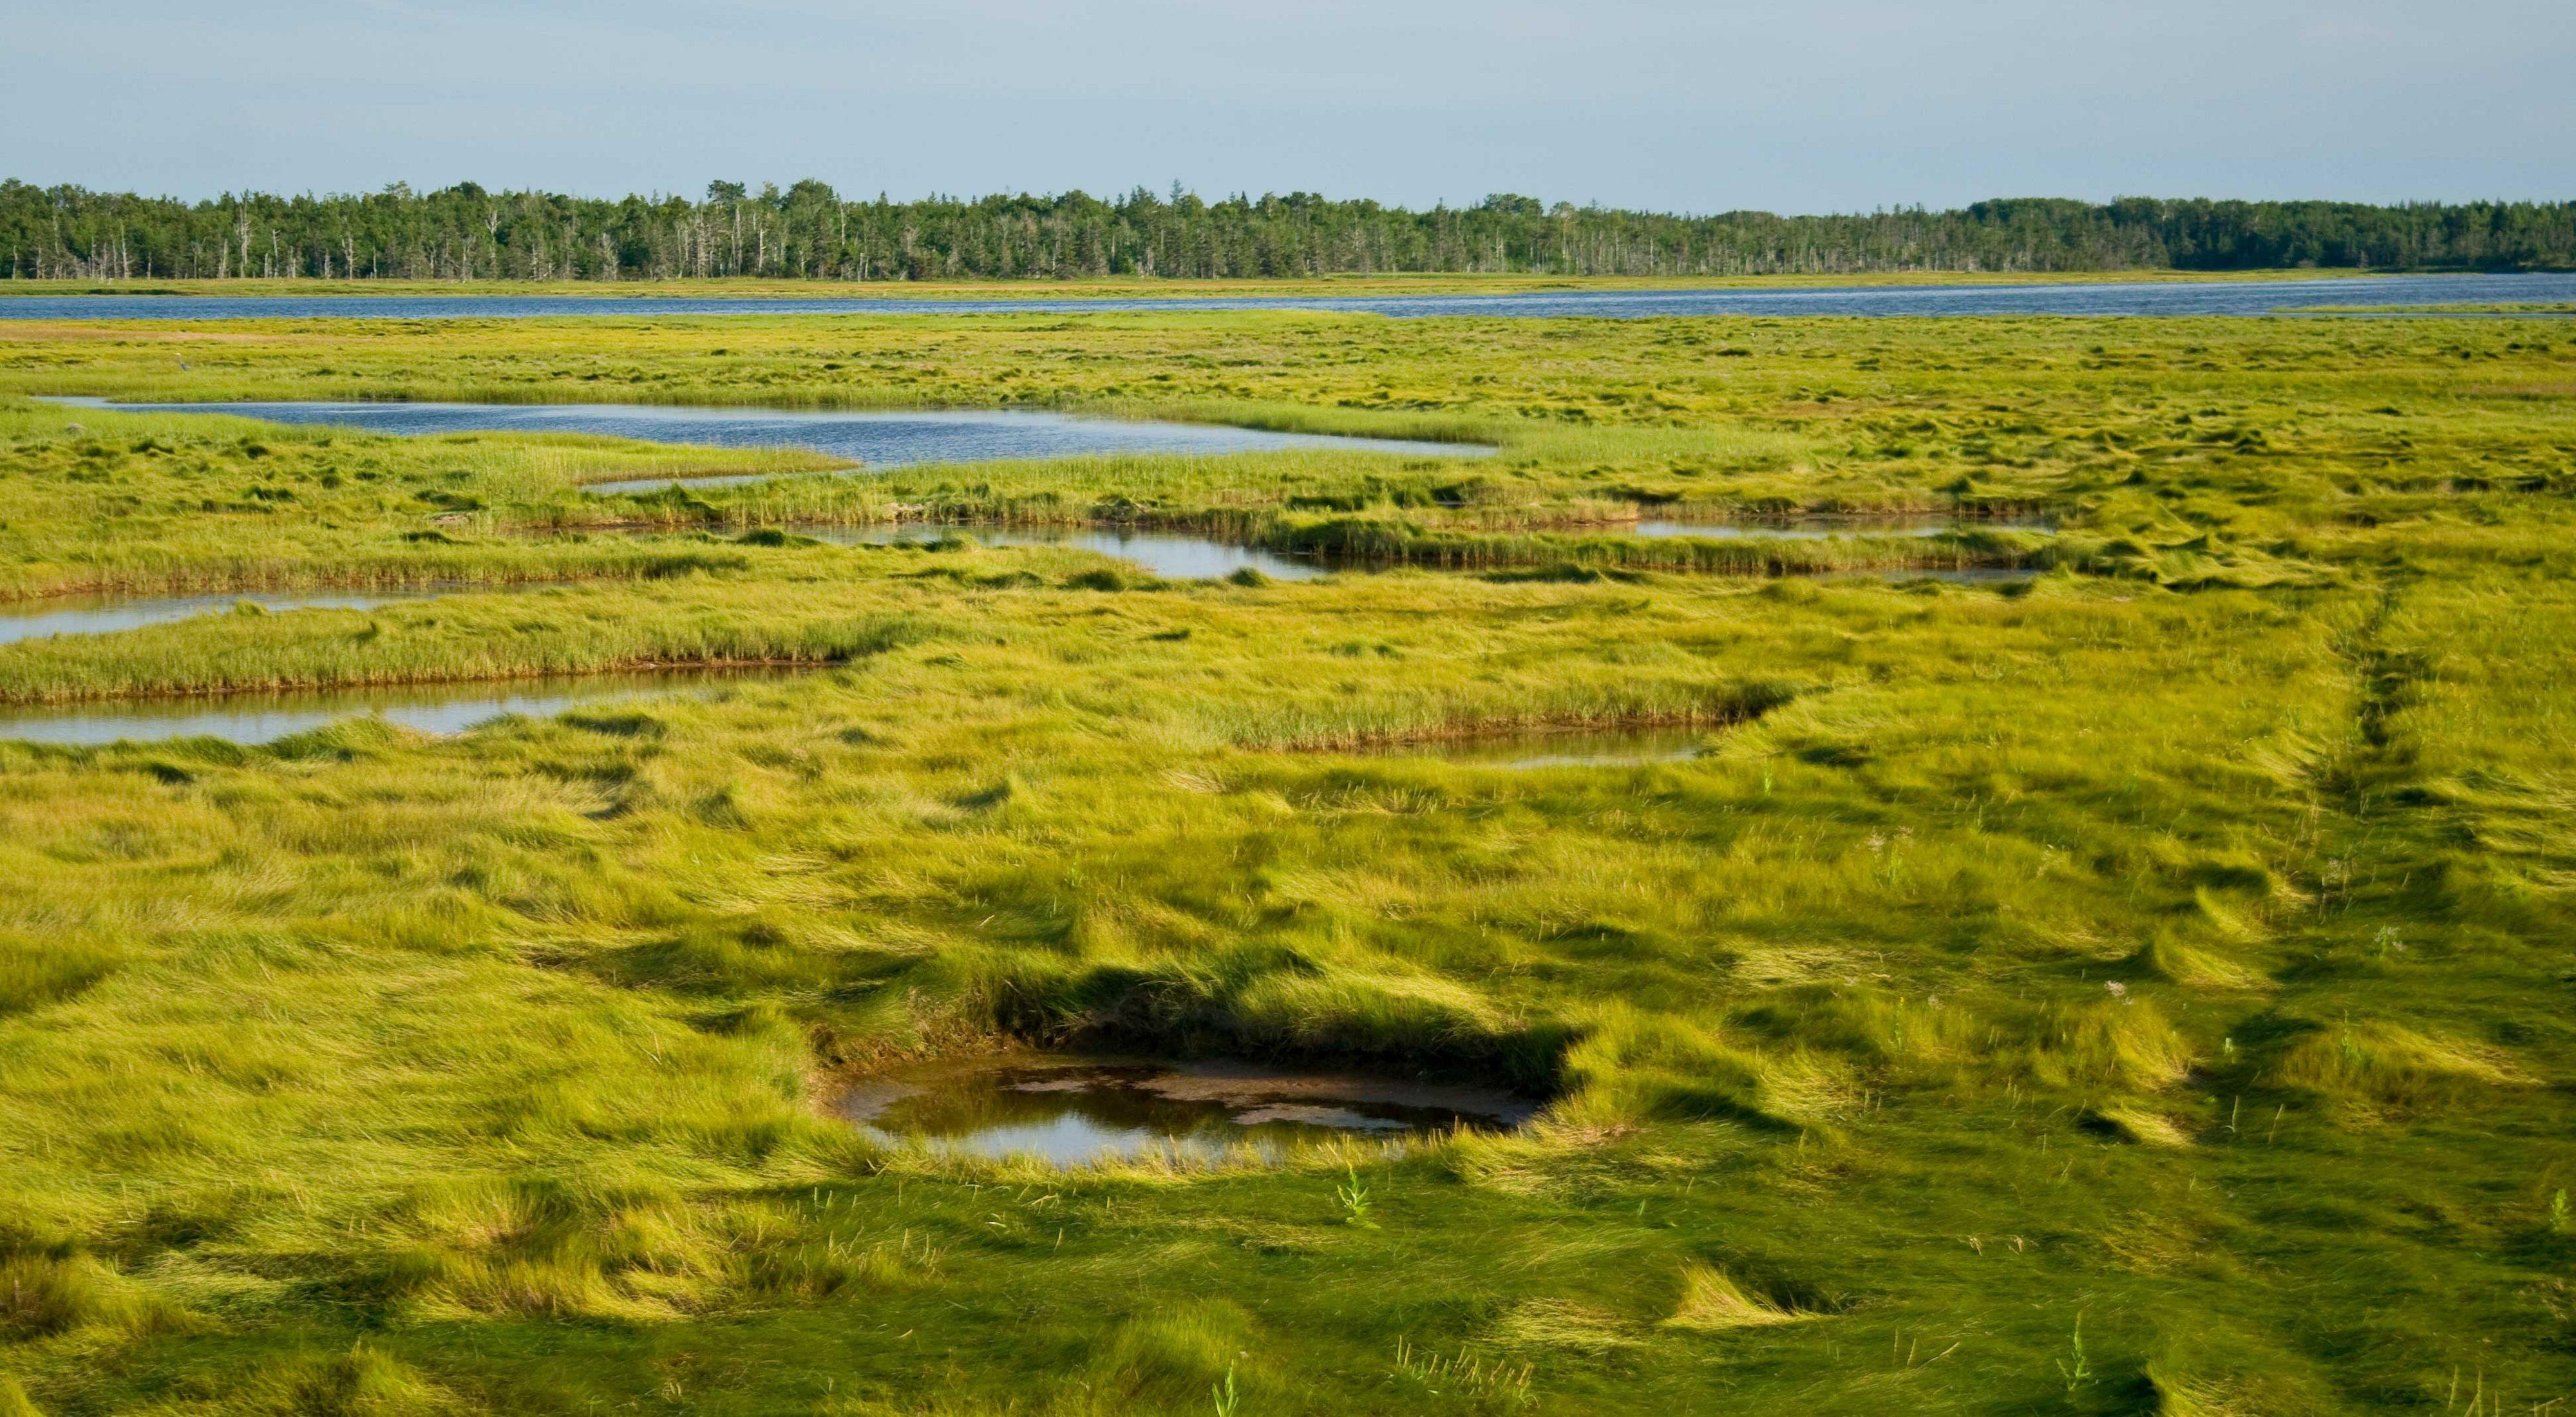 加拿大爱德华王子岛涨潮时的绿色盐沼。